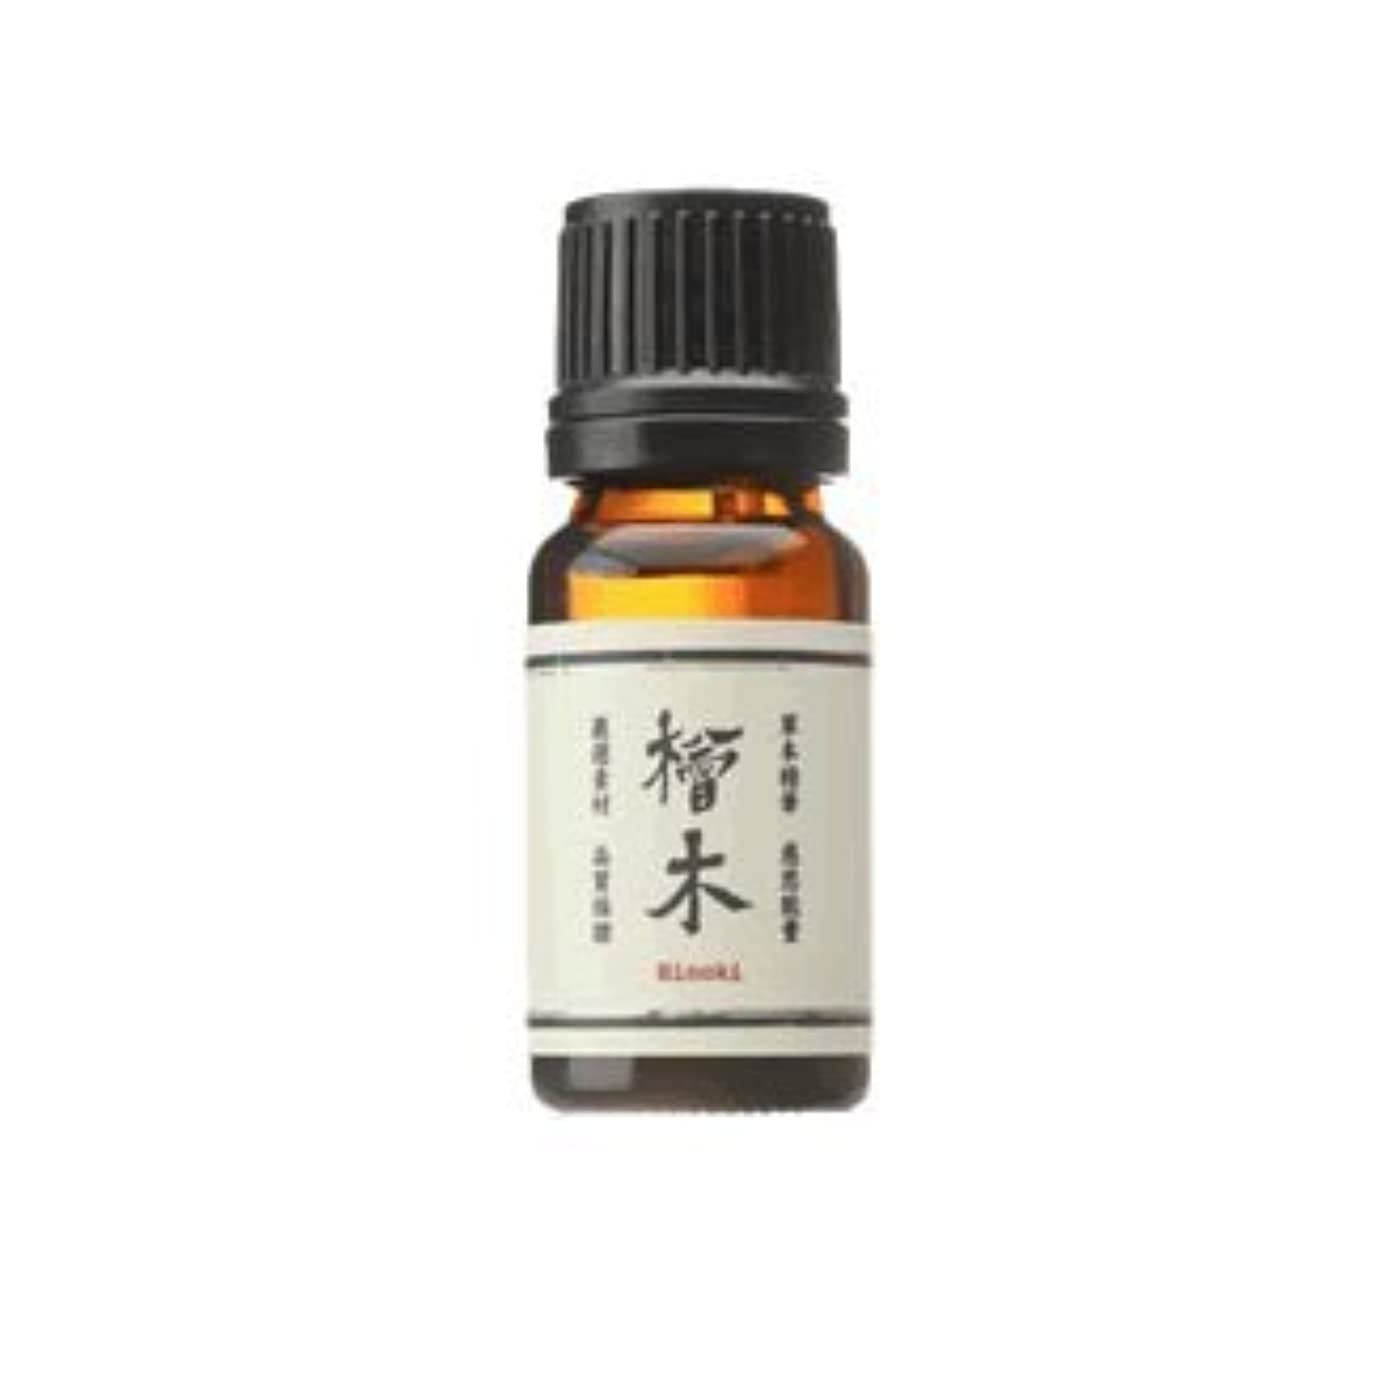 ピッチソーセージ物理的なユアン(YUAN) エッセンシャルオイル アロマオイル ヒノキ 10ml (阿原 ユアン アロマ 精油)